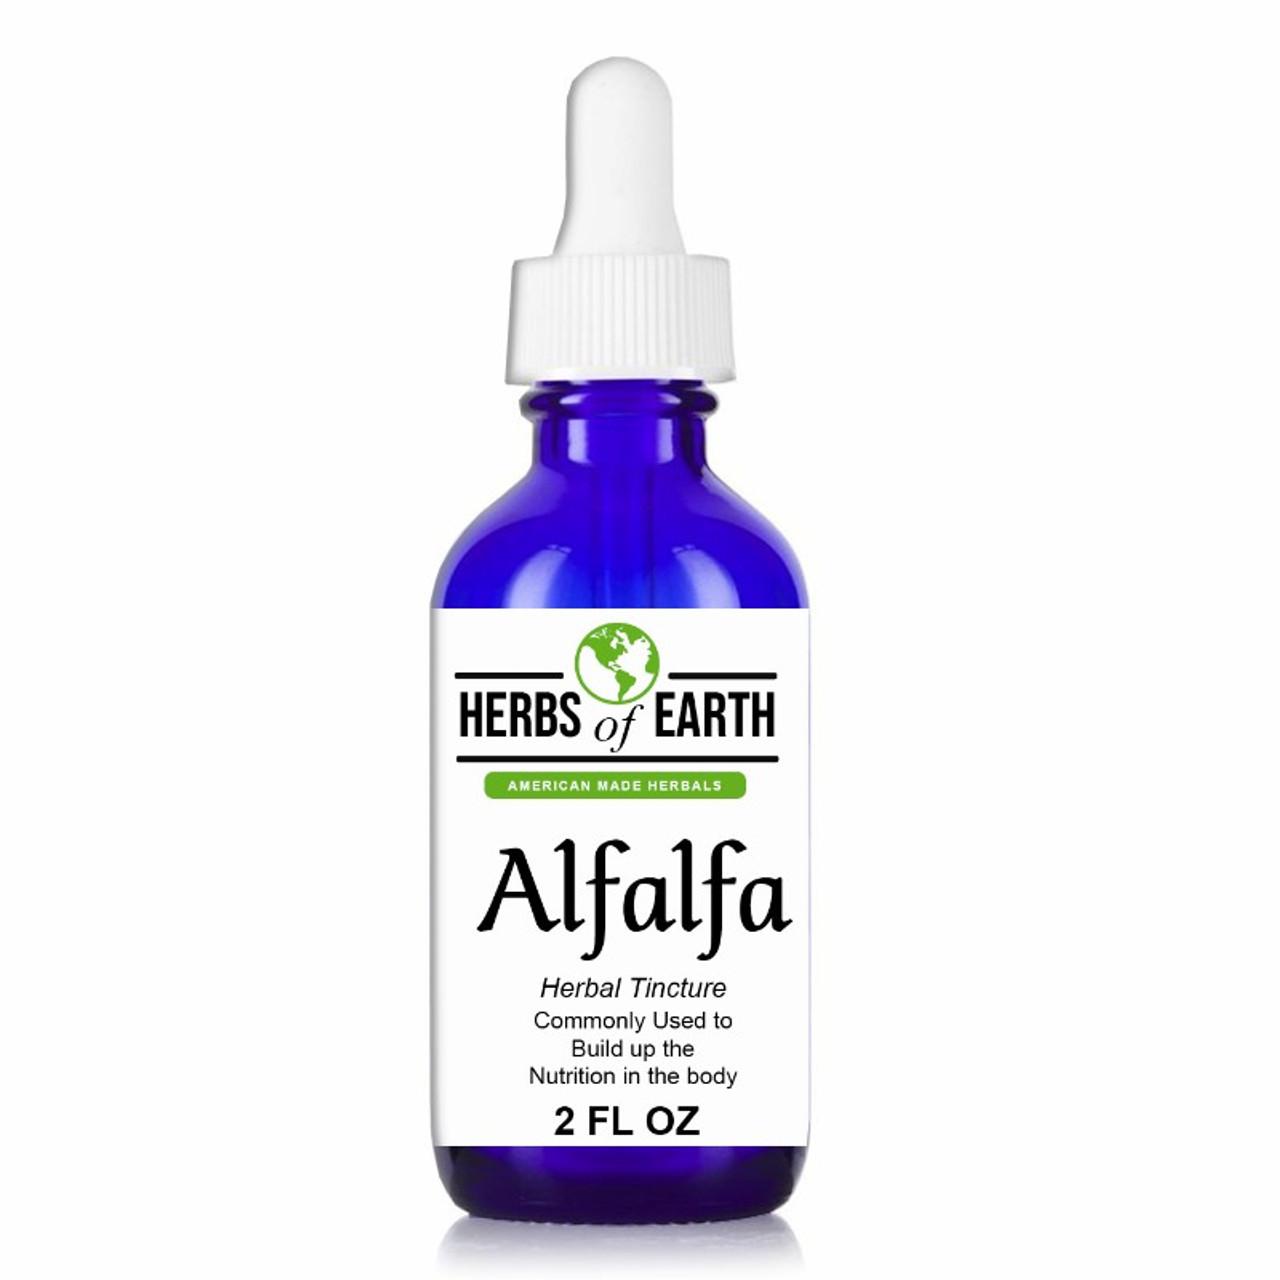 Alfalfa Herbal Tincture